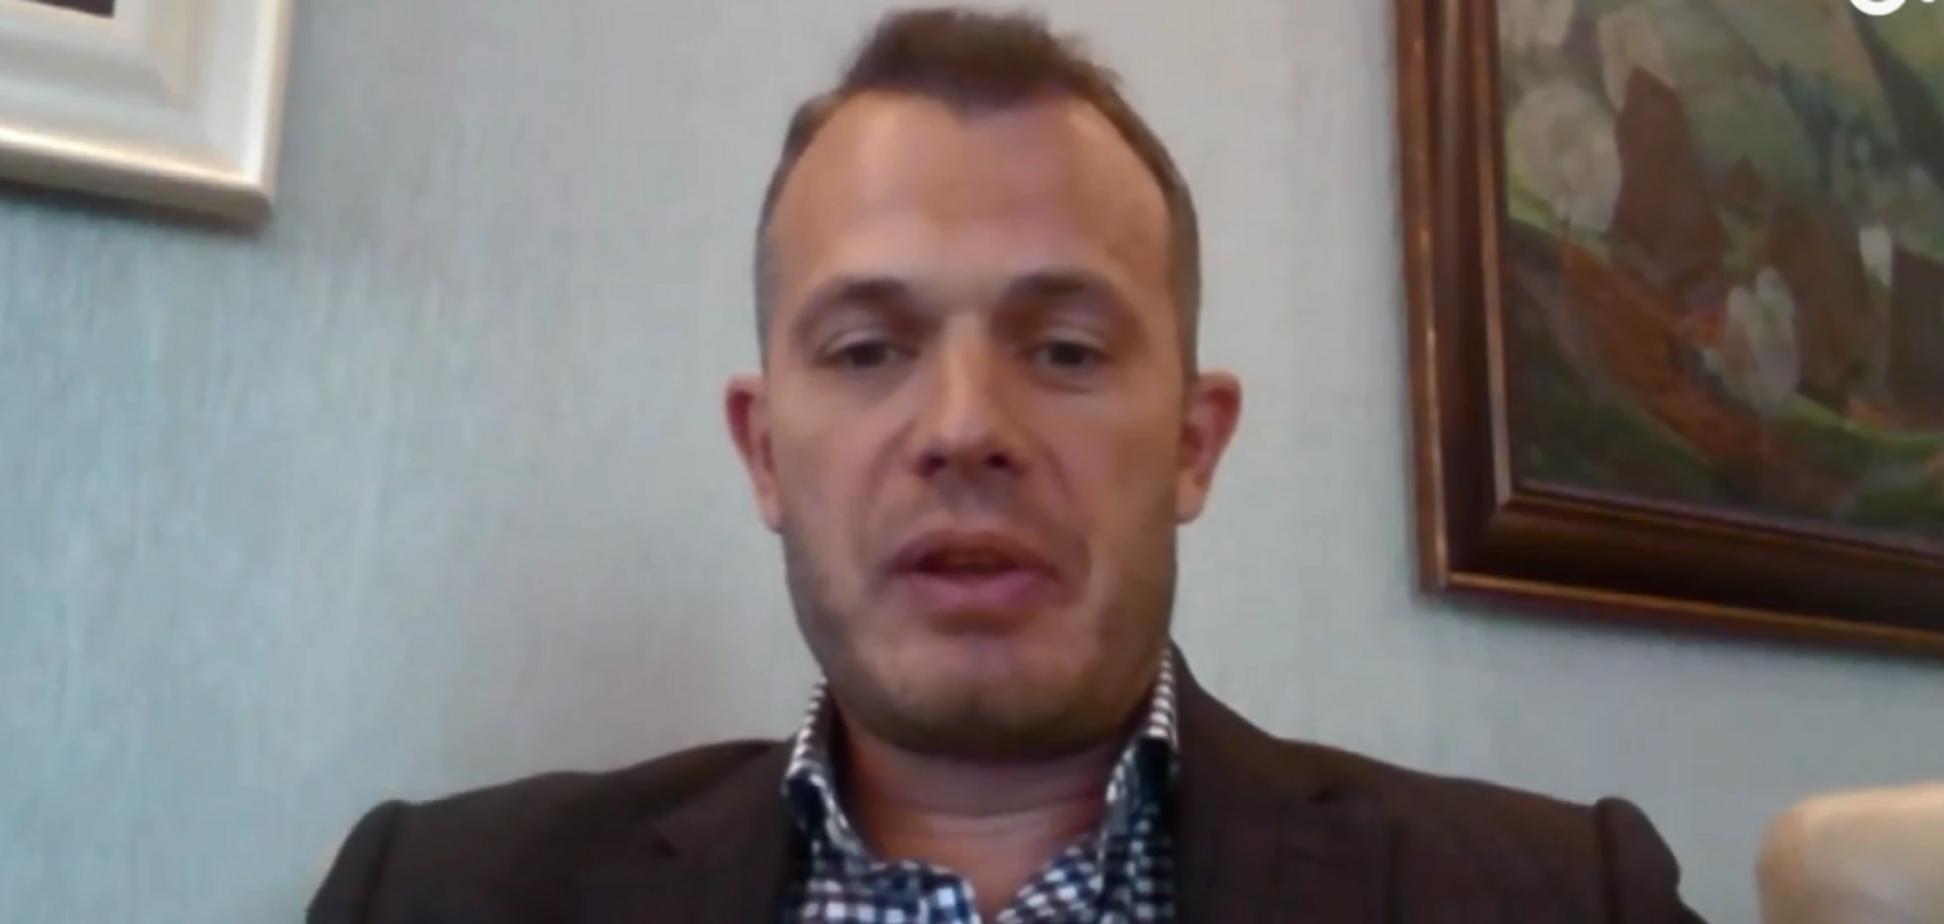 Украинцам грозят массовые увольнения из-за карантина: озвучен тревожный прогноз